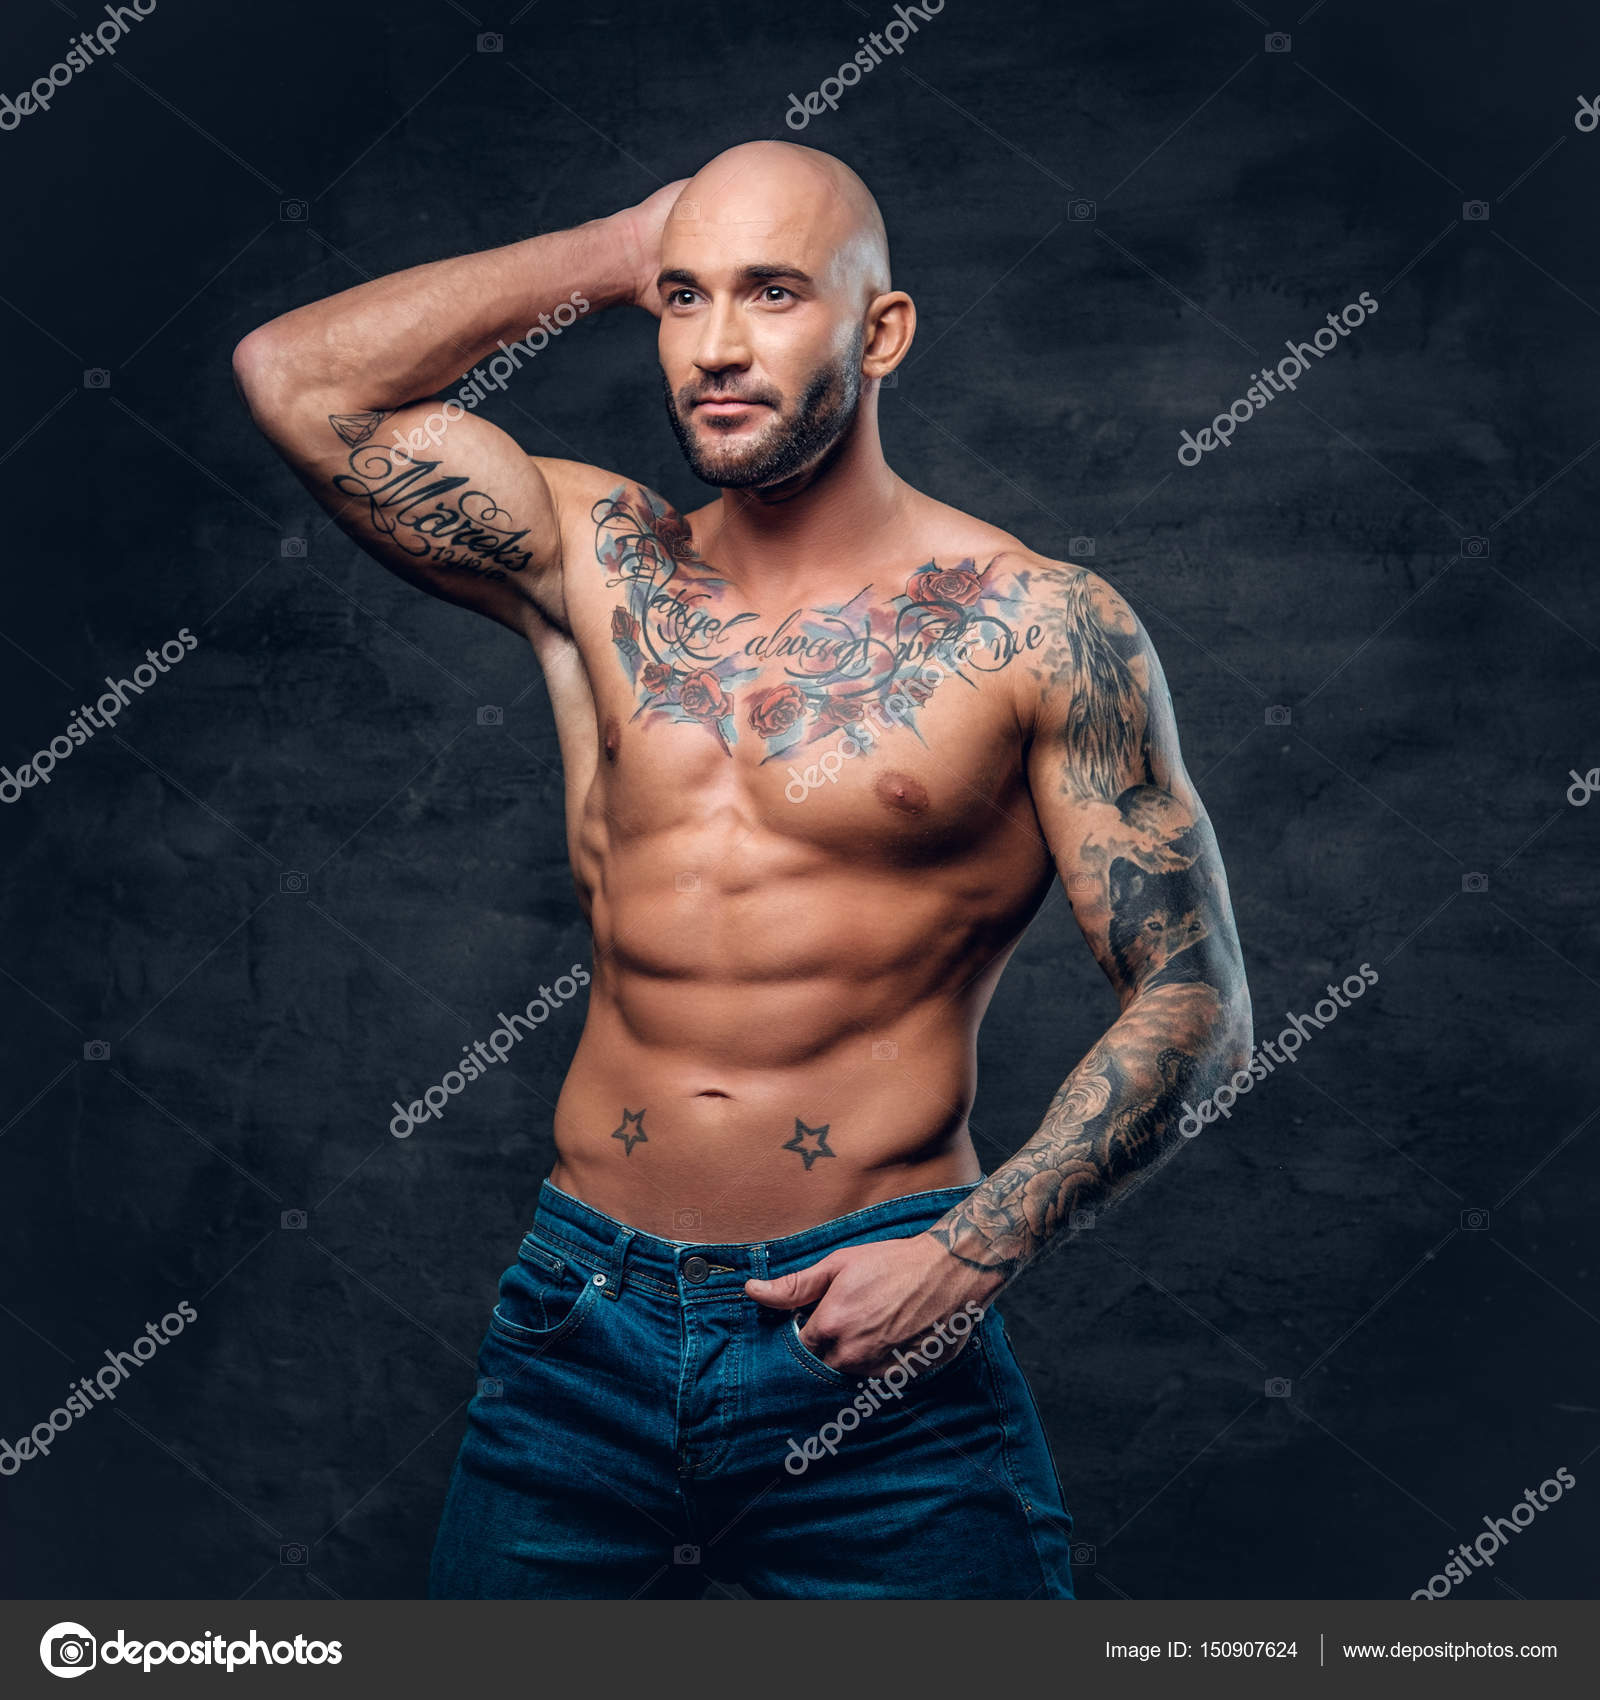 Tatuajes De Famosos El Ultimo Accesorio De Moda: Hombre Musculoso Con Tatuajes En El